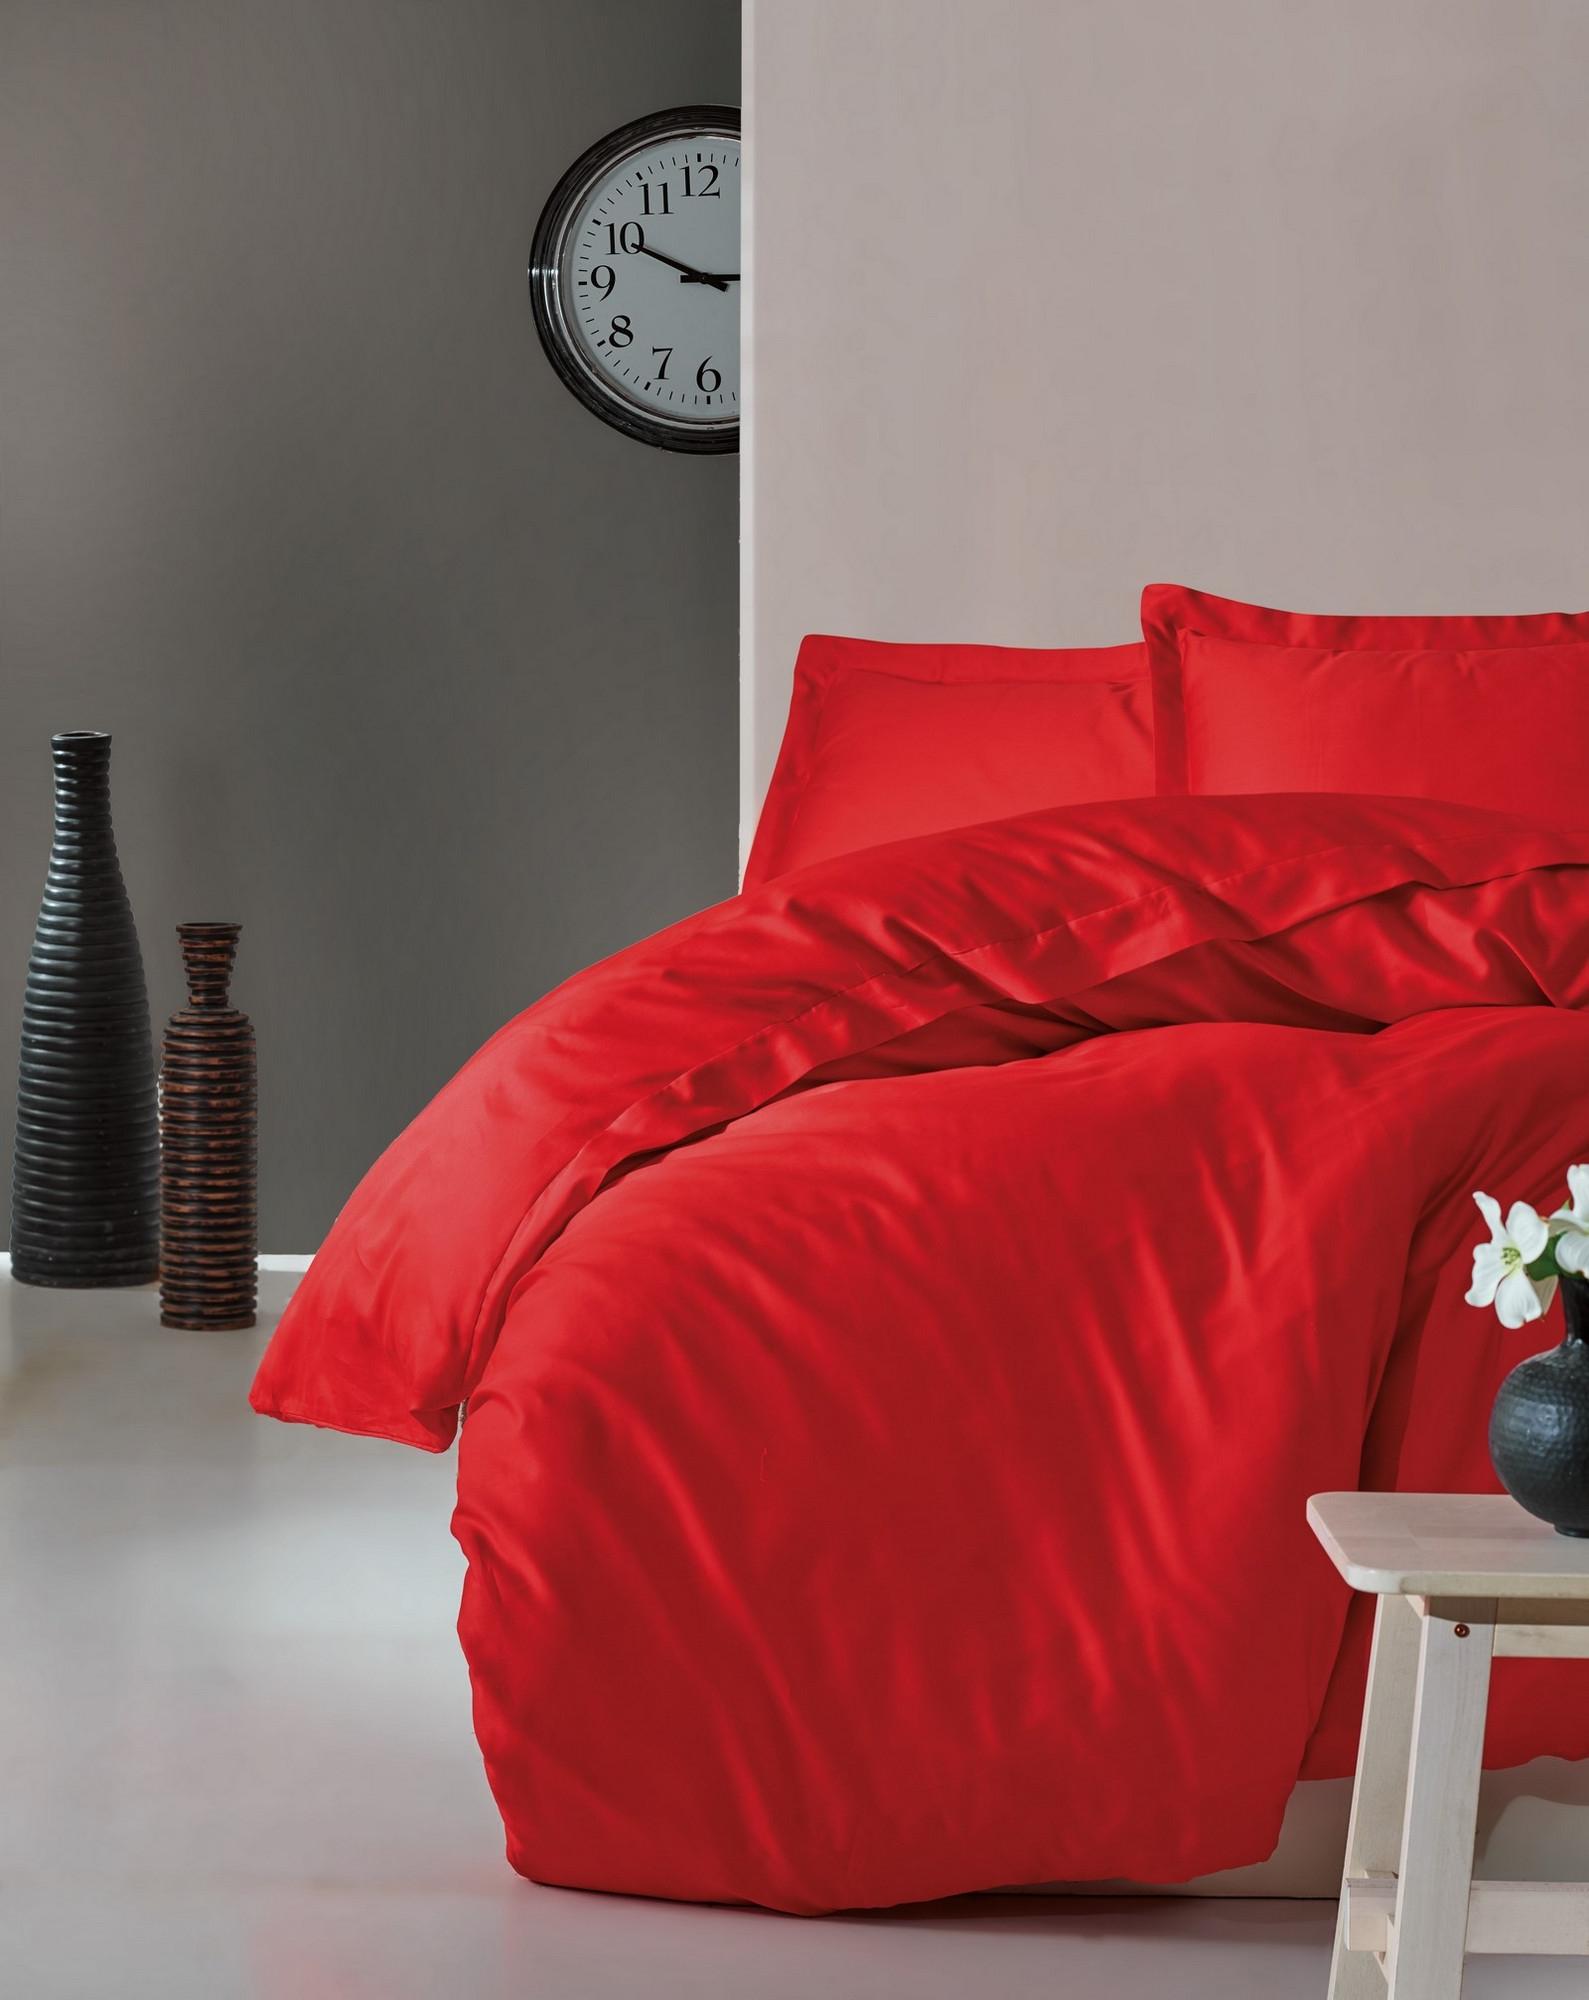 Lenjerie de pat din bumbac Satinat Premium Elegant Rosu, 200 x 220 cm imagine